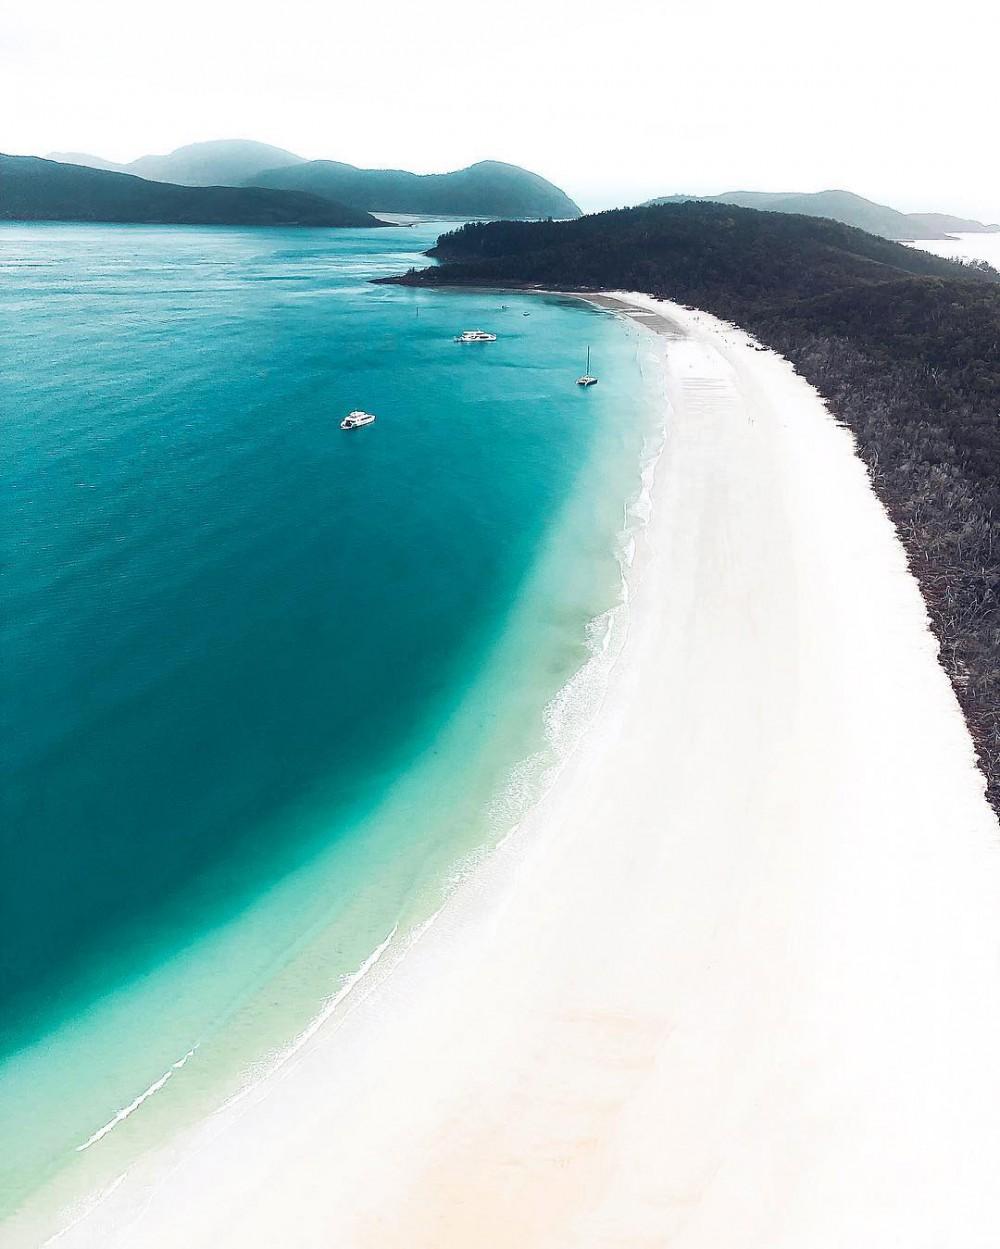 昆士蘭州旅遊及活動推廣局facebook